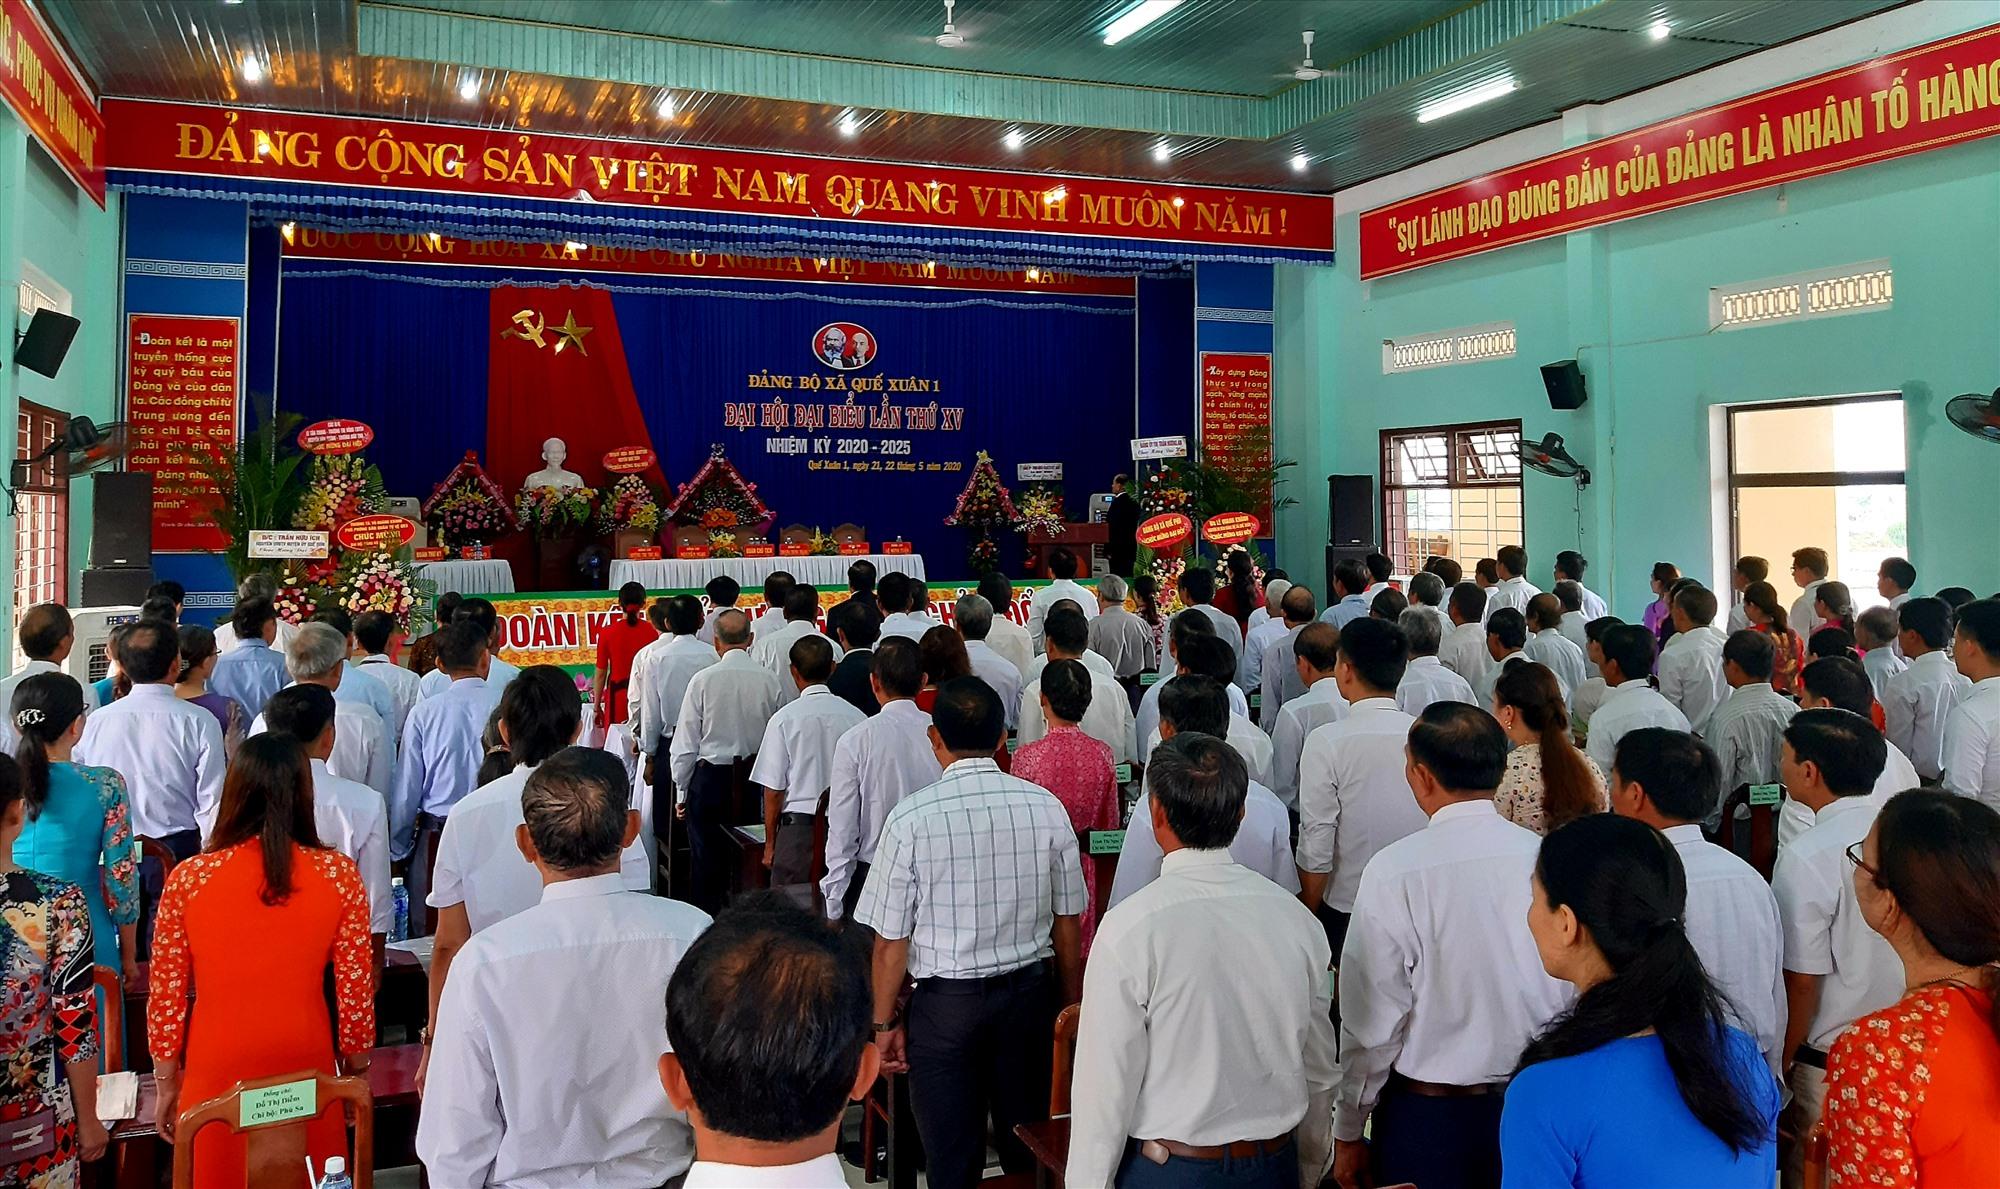 Quang cảnh phiên chính thức Đại hội Đảng bộ xã Quế Xuân 1 lần thứ XV (nhiệm kỳ 2020 – 2025) diễn ra sáng nay 22.5.  Ảnh: VĂN SỰ